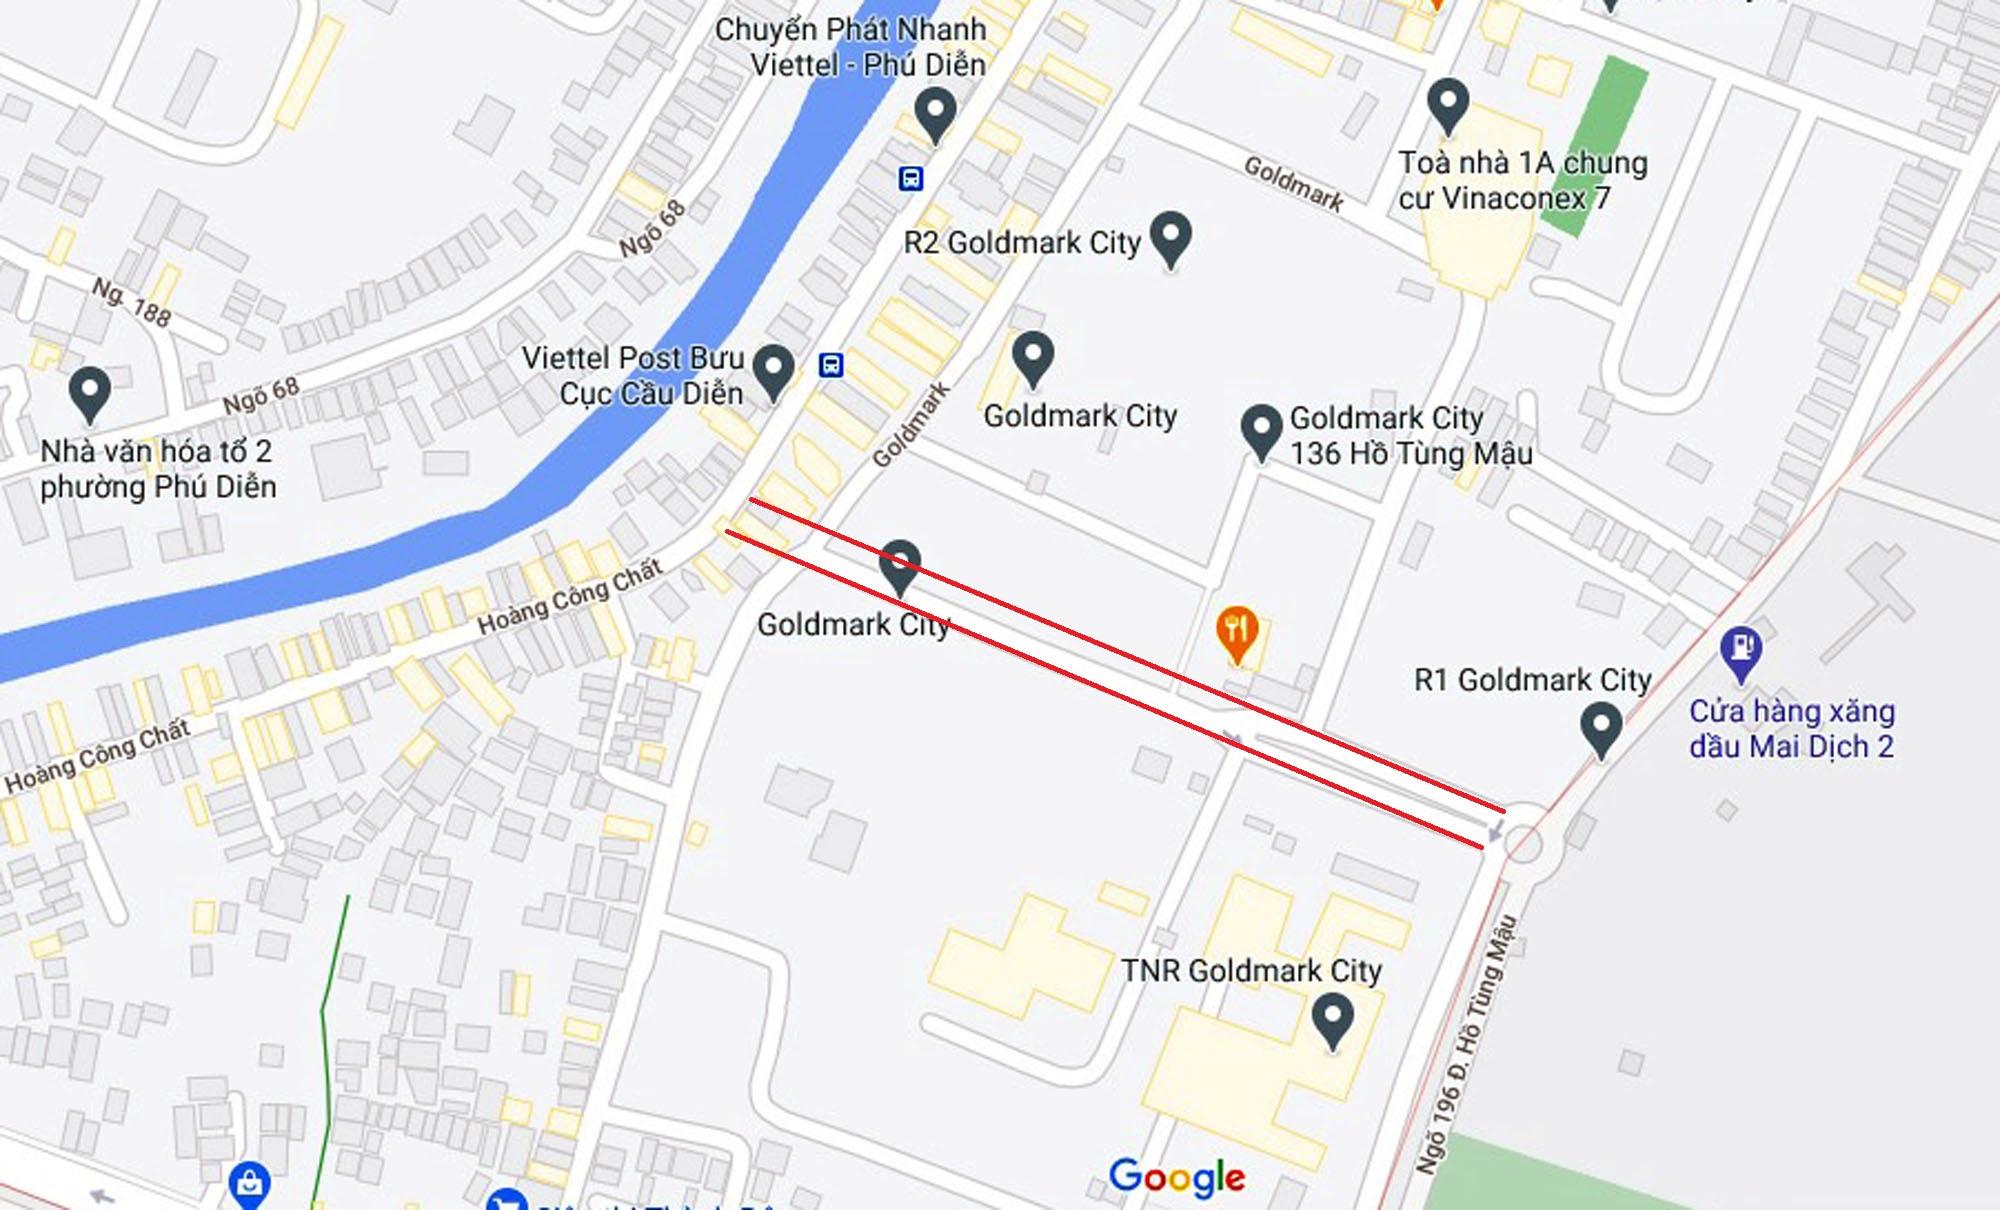 Ba đường sẽ mở theo qui hoạch ở phường Phú Diễn, Bắc Từ Liêm, Hà Nội (phần 2) - Ảnh 2.